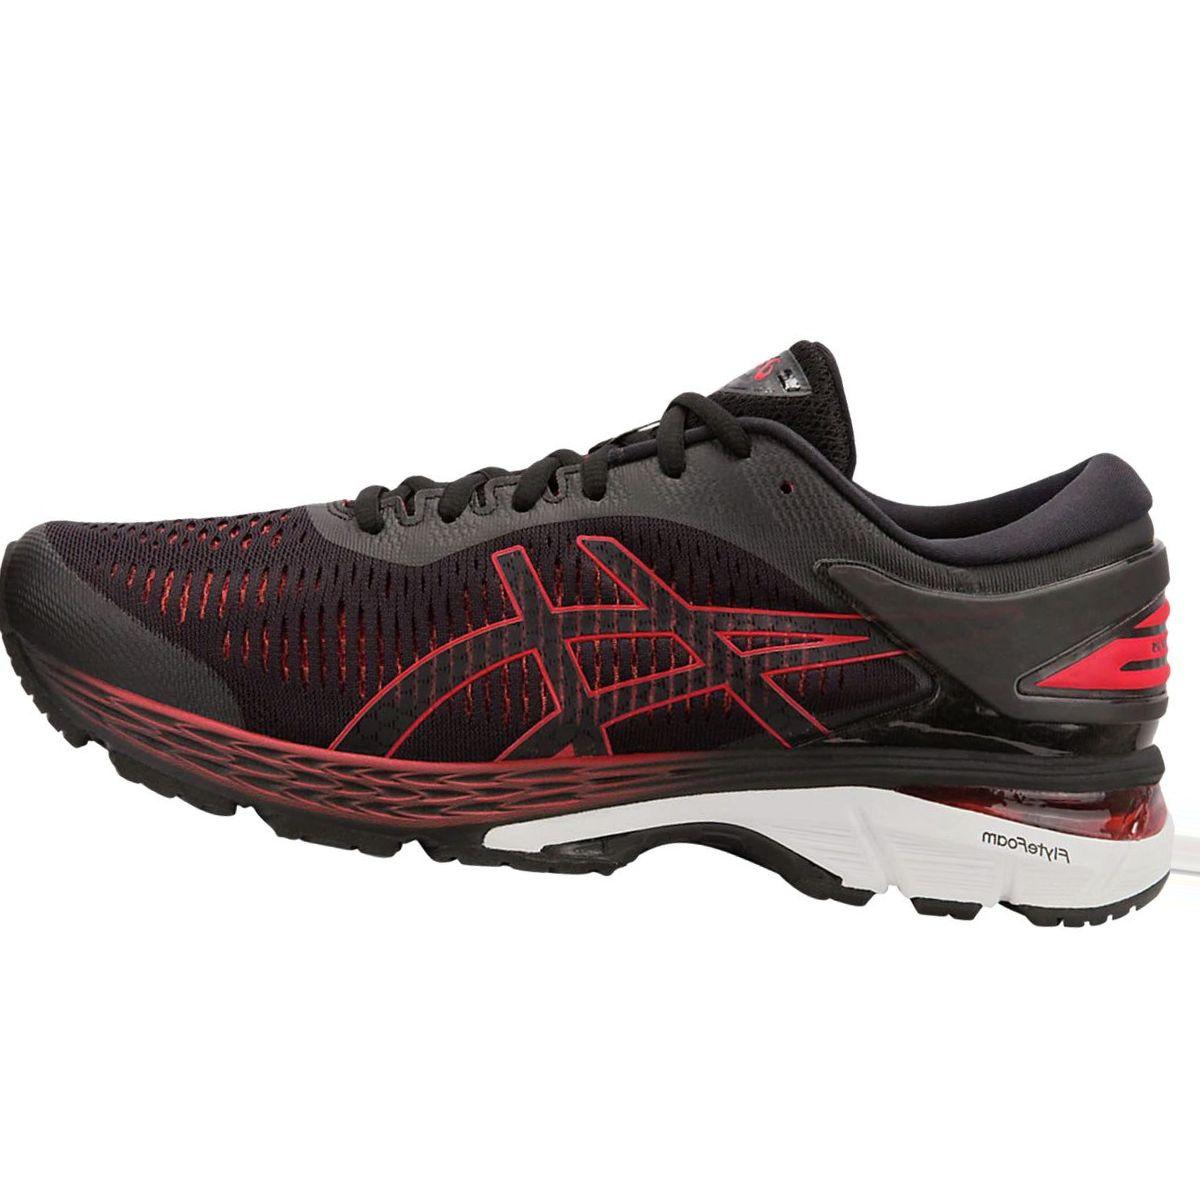 Asics Gel-Kayano 25 Running Shoe - Men's